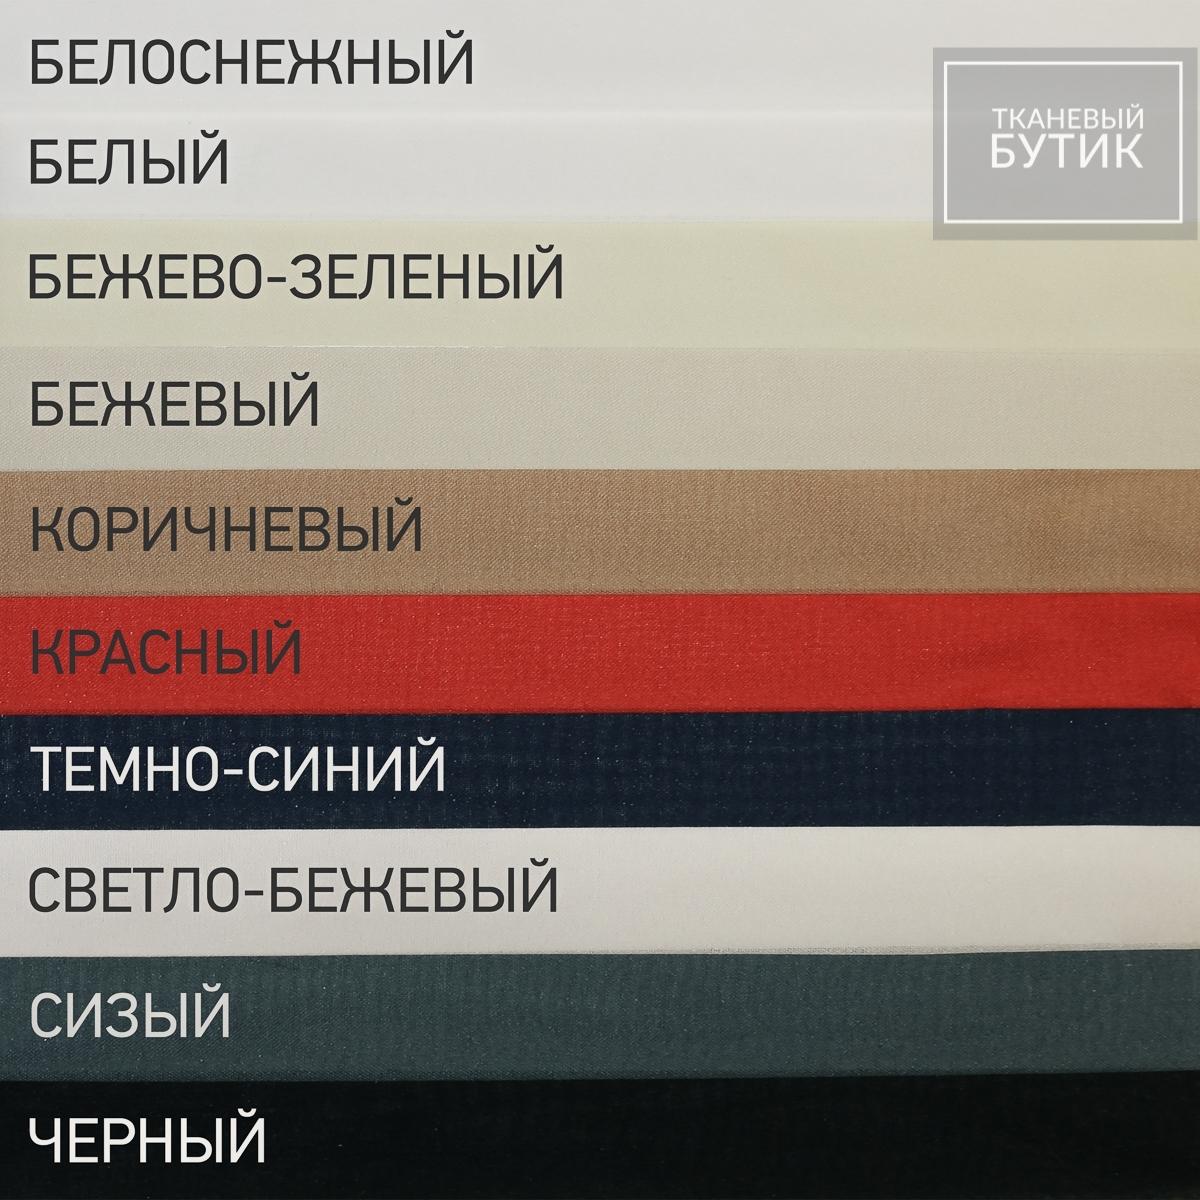 Клеевой материал (20 г/м2)